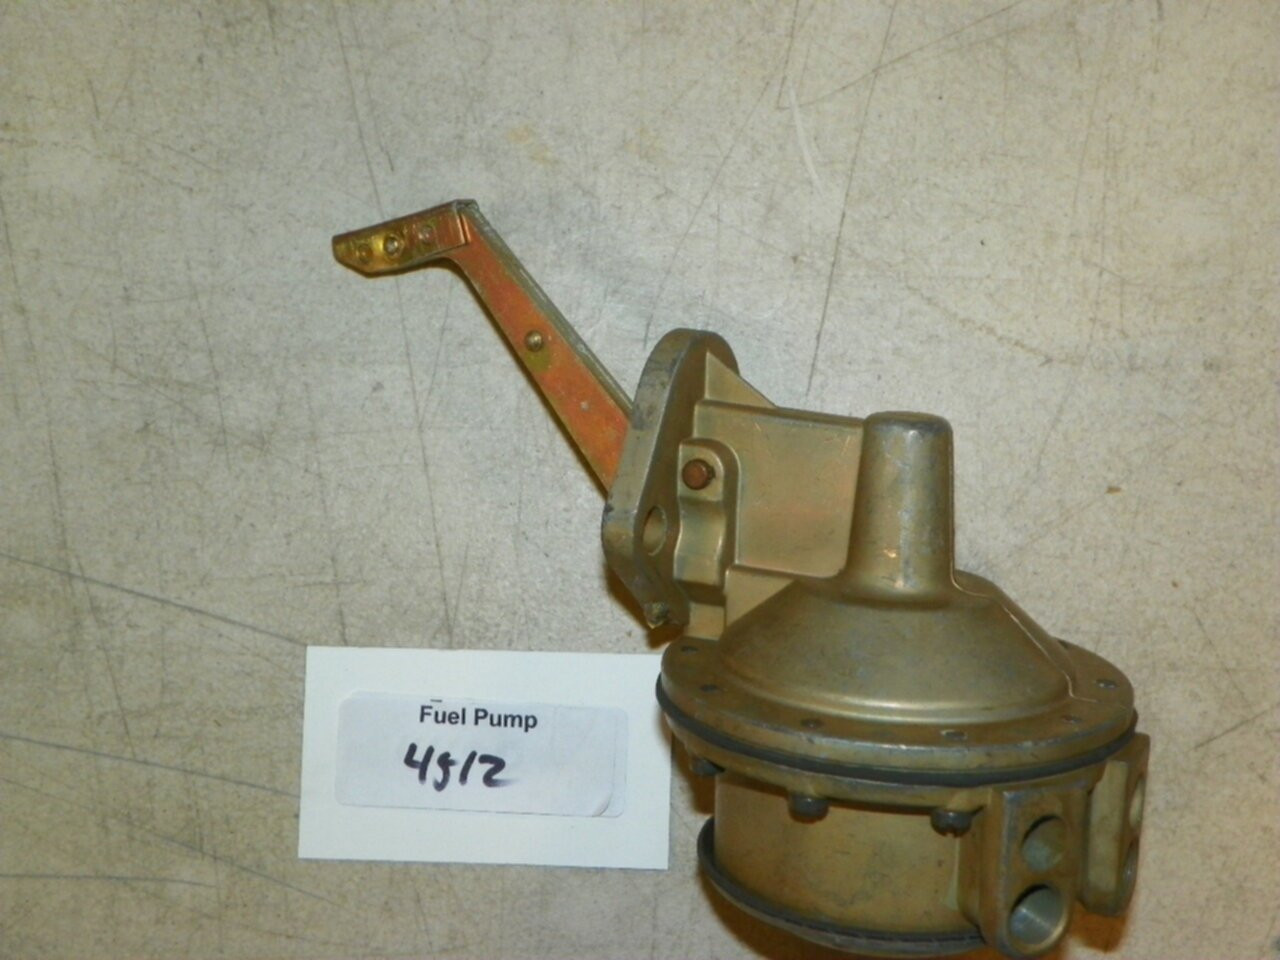 Pontiac V8 1958-1965 Atlas Fuel Pump Part No.: 4512